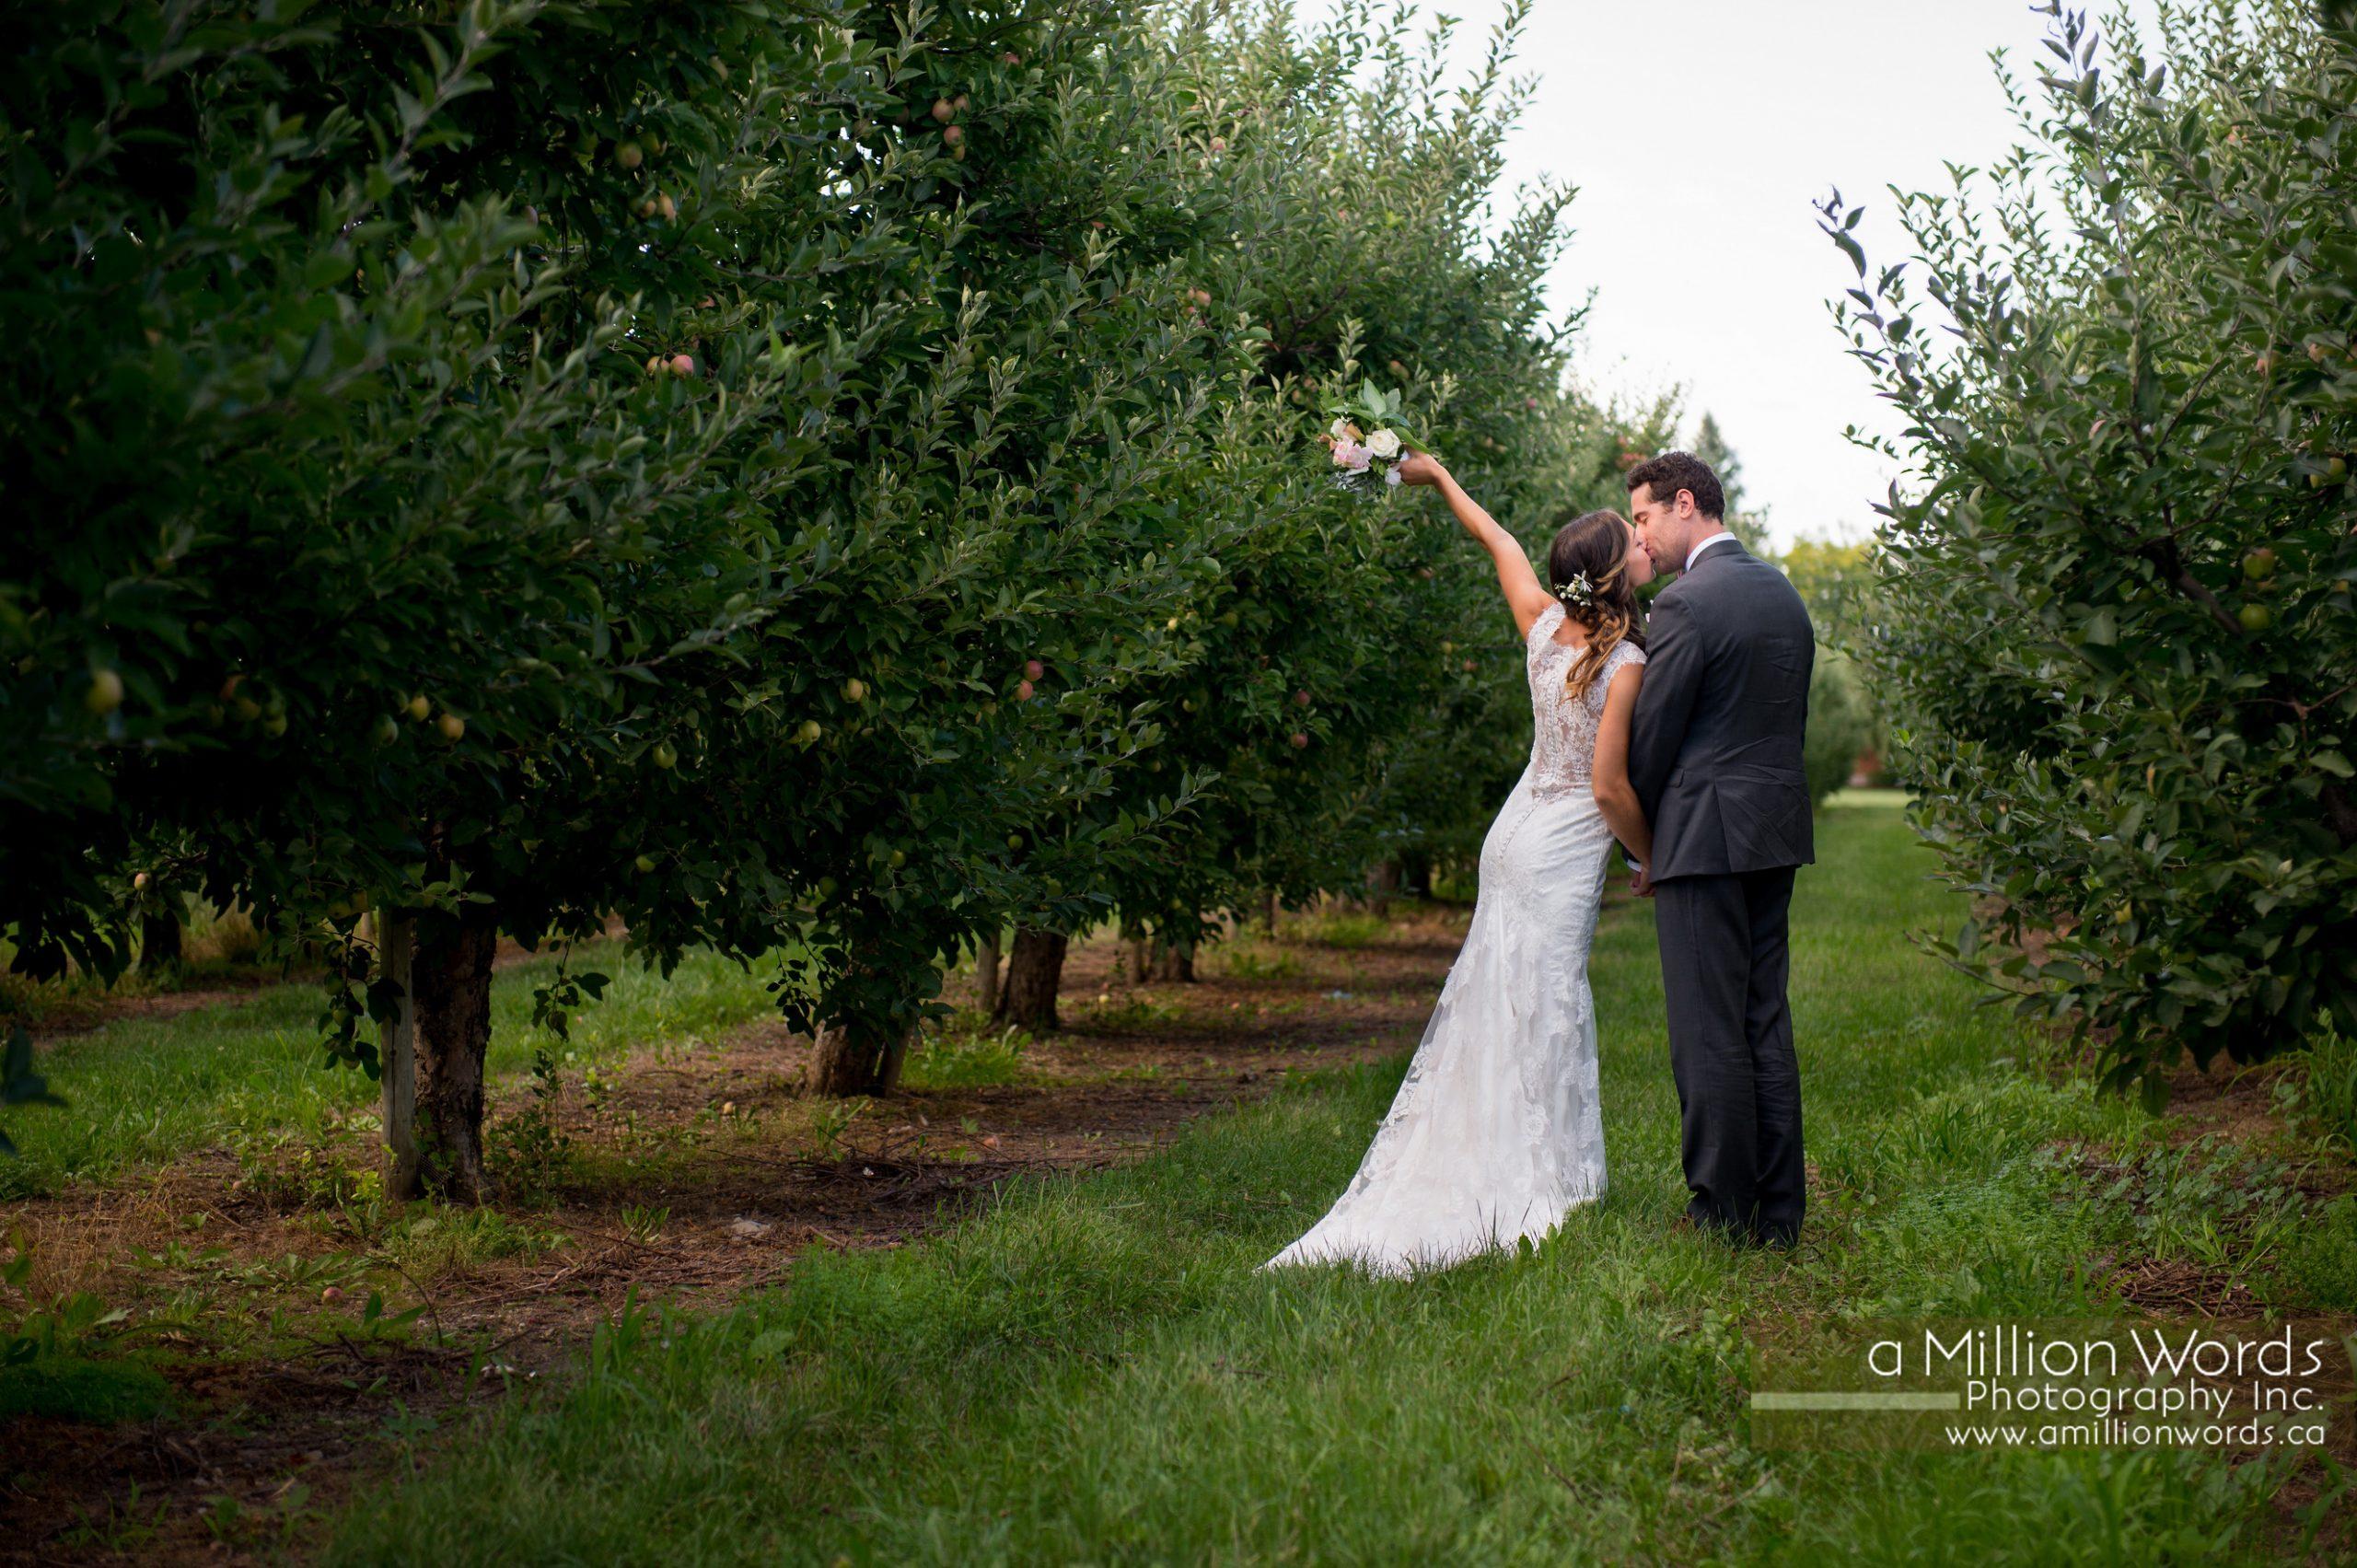 kw_wedding_photography39